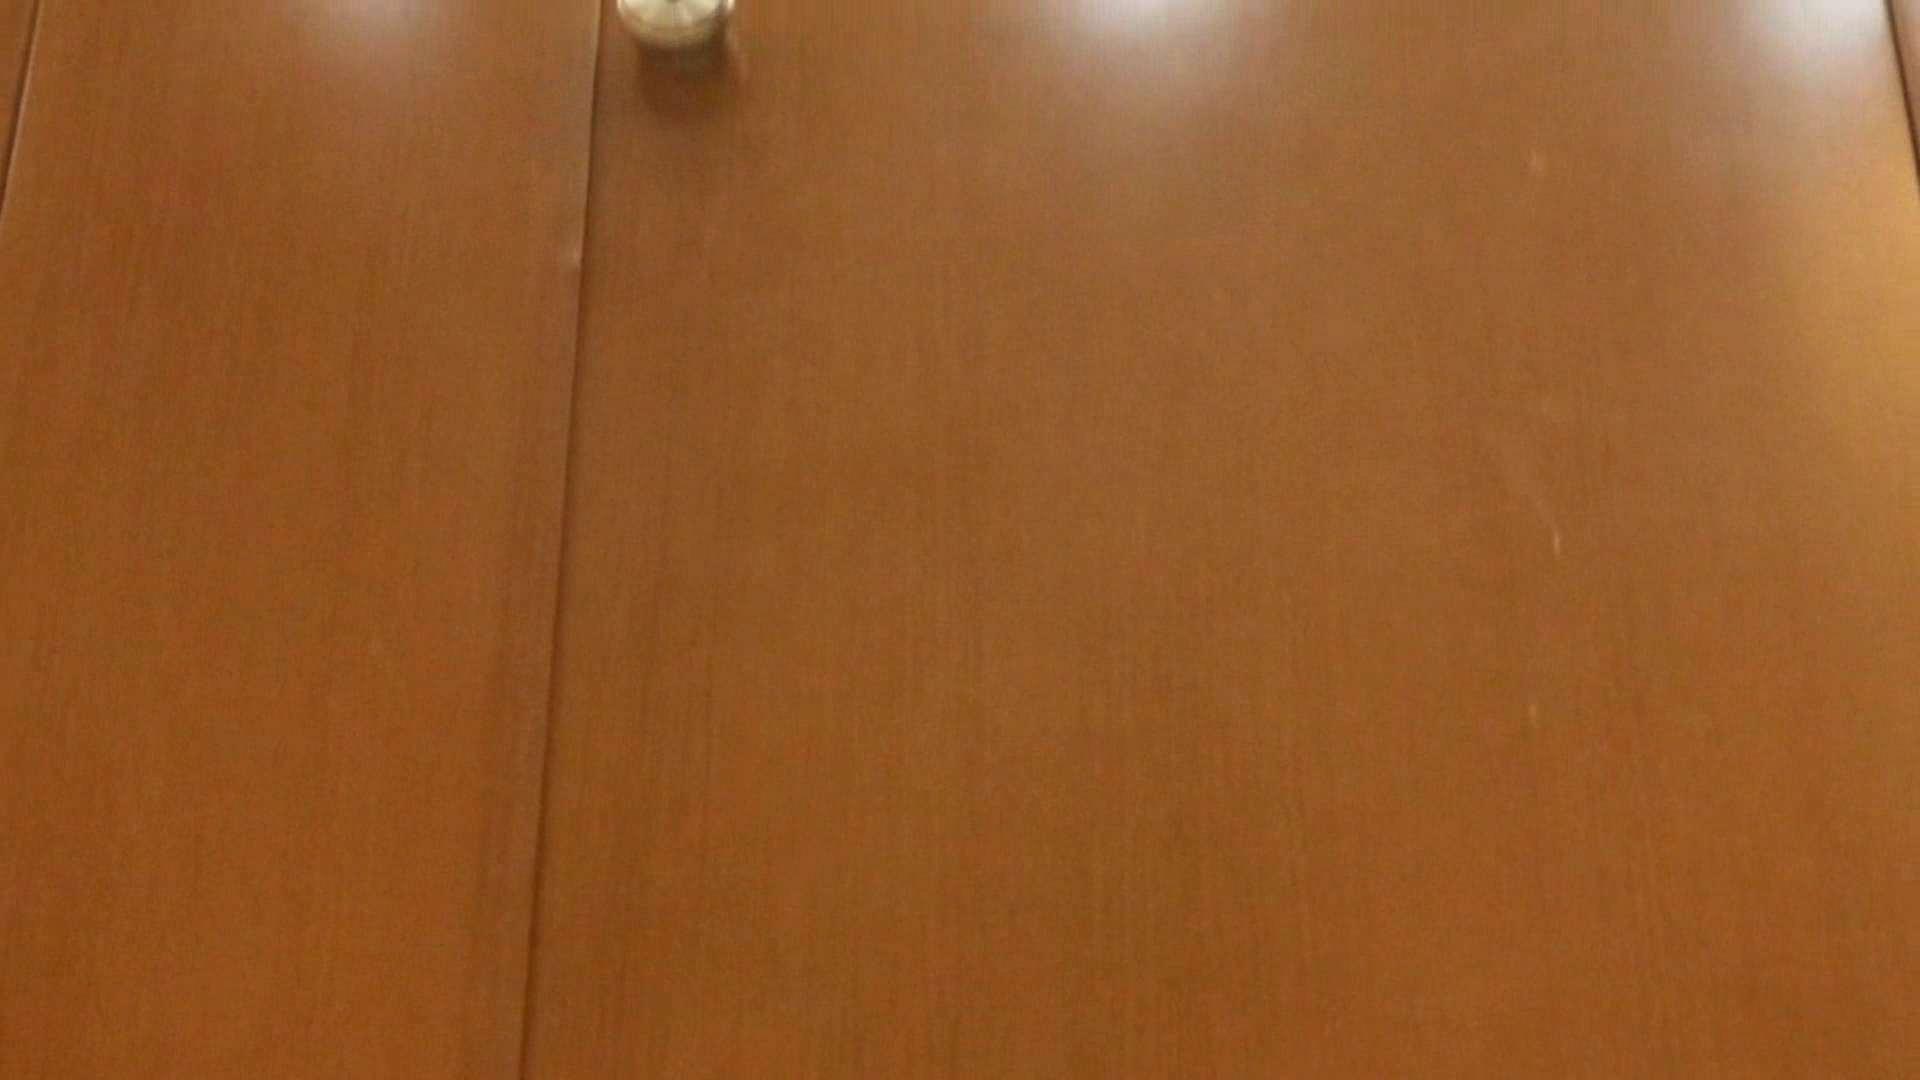 「噂」の国の厠観察日記2 Vol.01 美しいOLの裸体  102pic 84